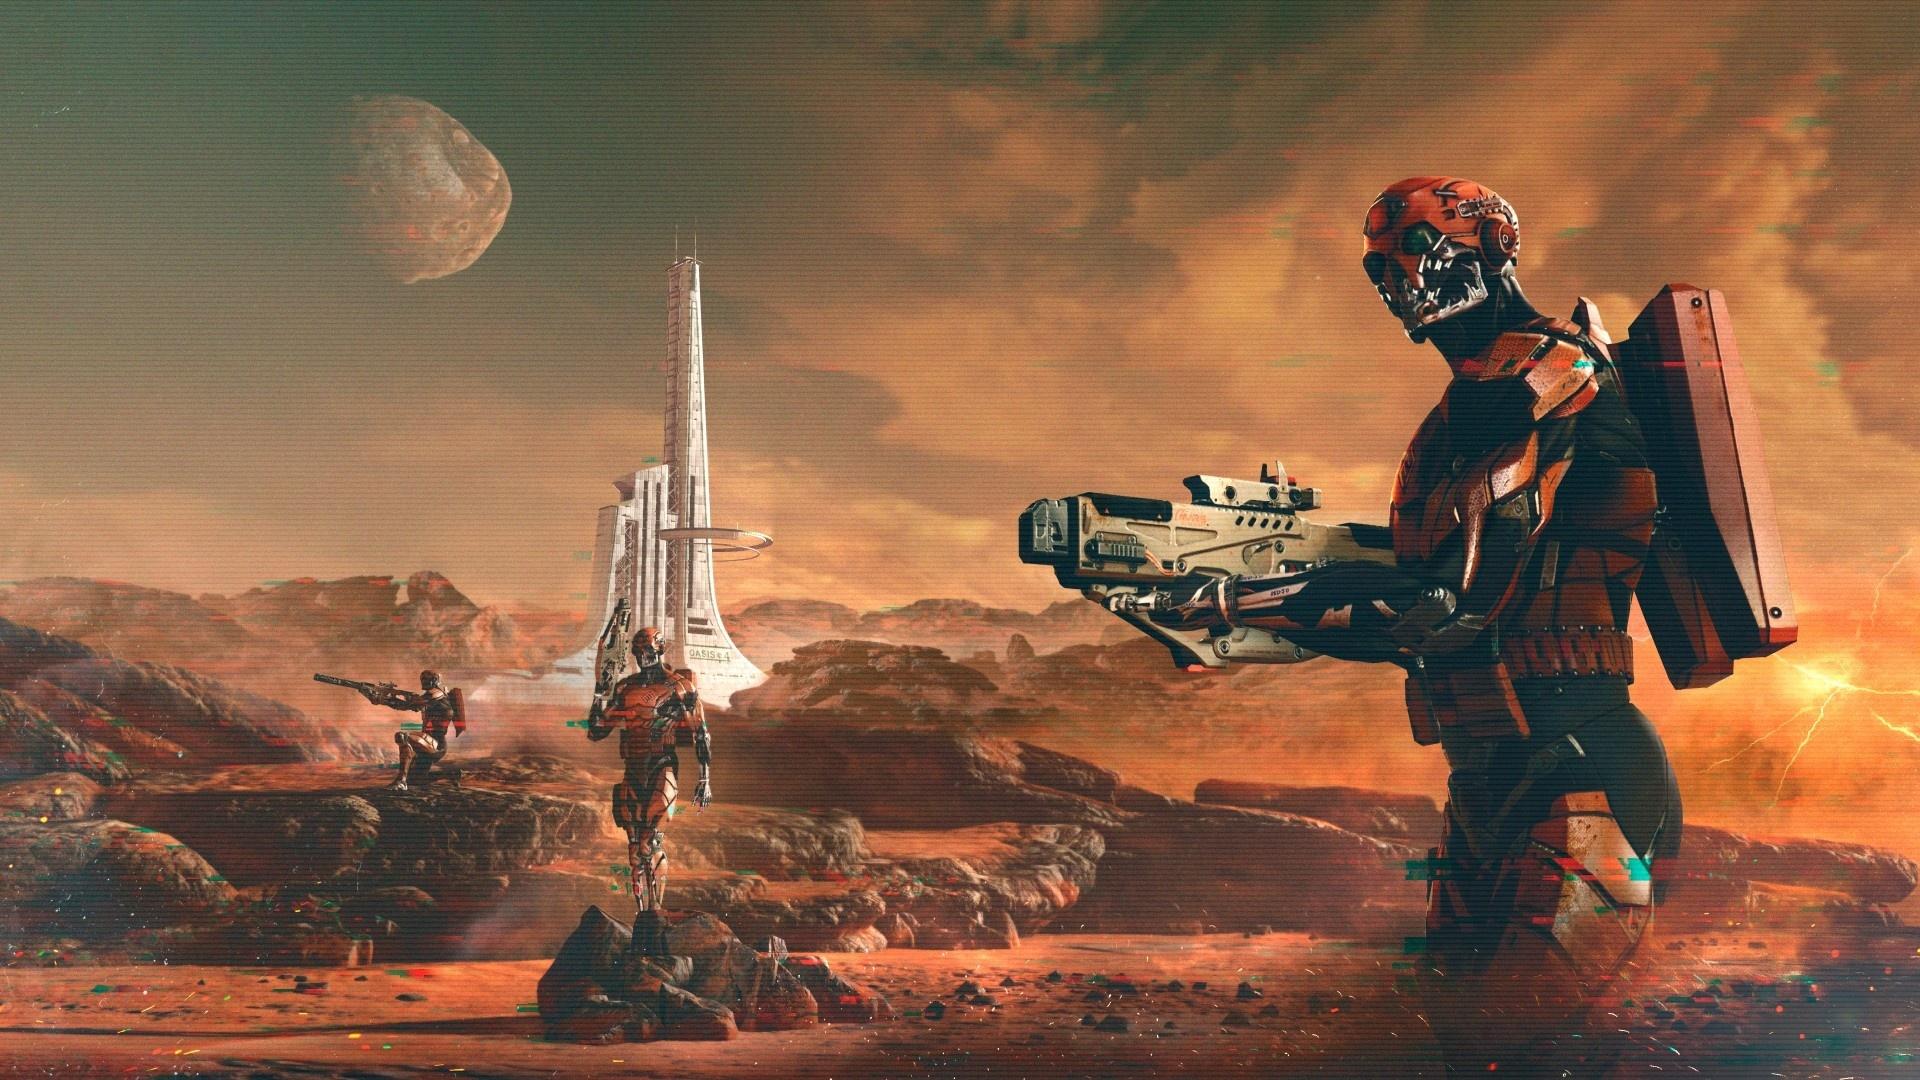 Обзор спецоперации «Марс» в Warface. Далеко ли до Красной планеты?